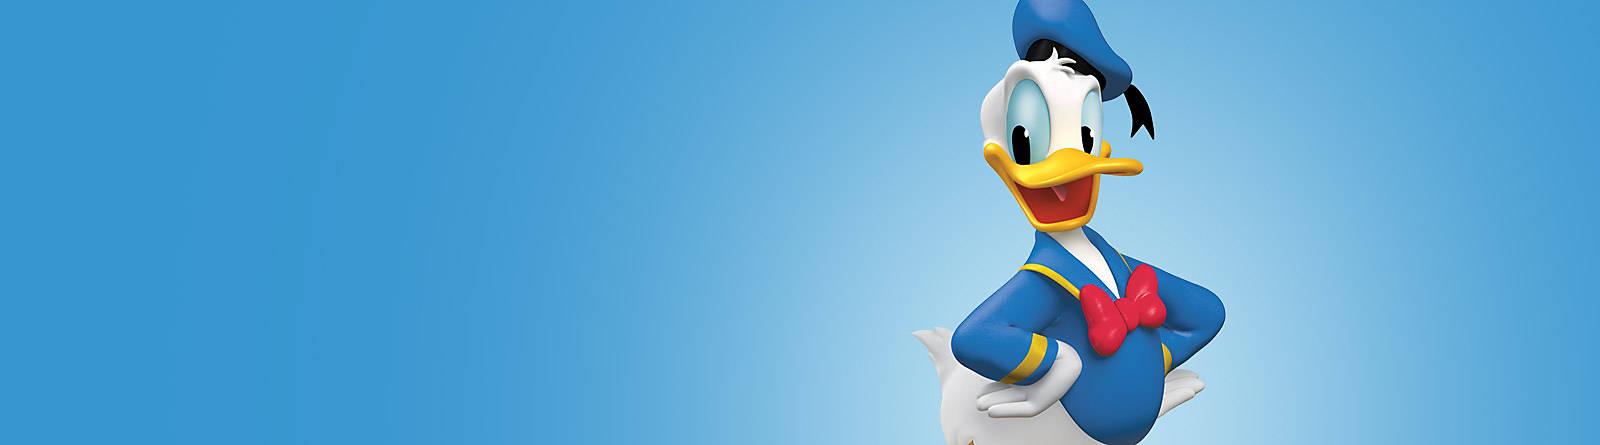 Pato Donald El pato Donald es el pato más famoso de Disney, por eso tenemos un amplio catálogo dedicado a él. ¡Descúbrelo!